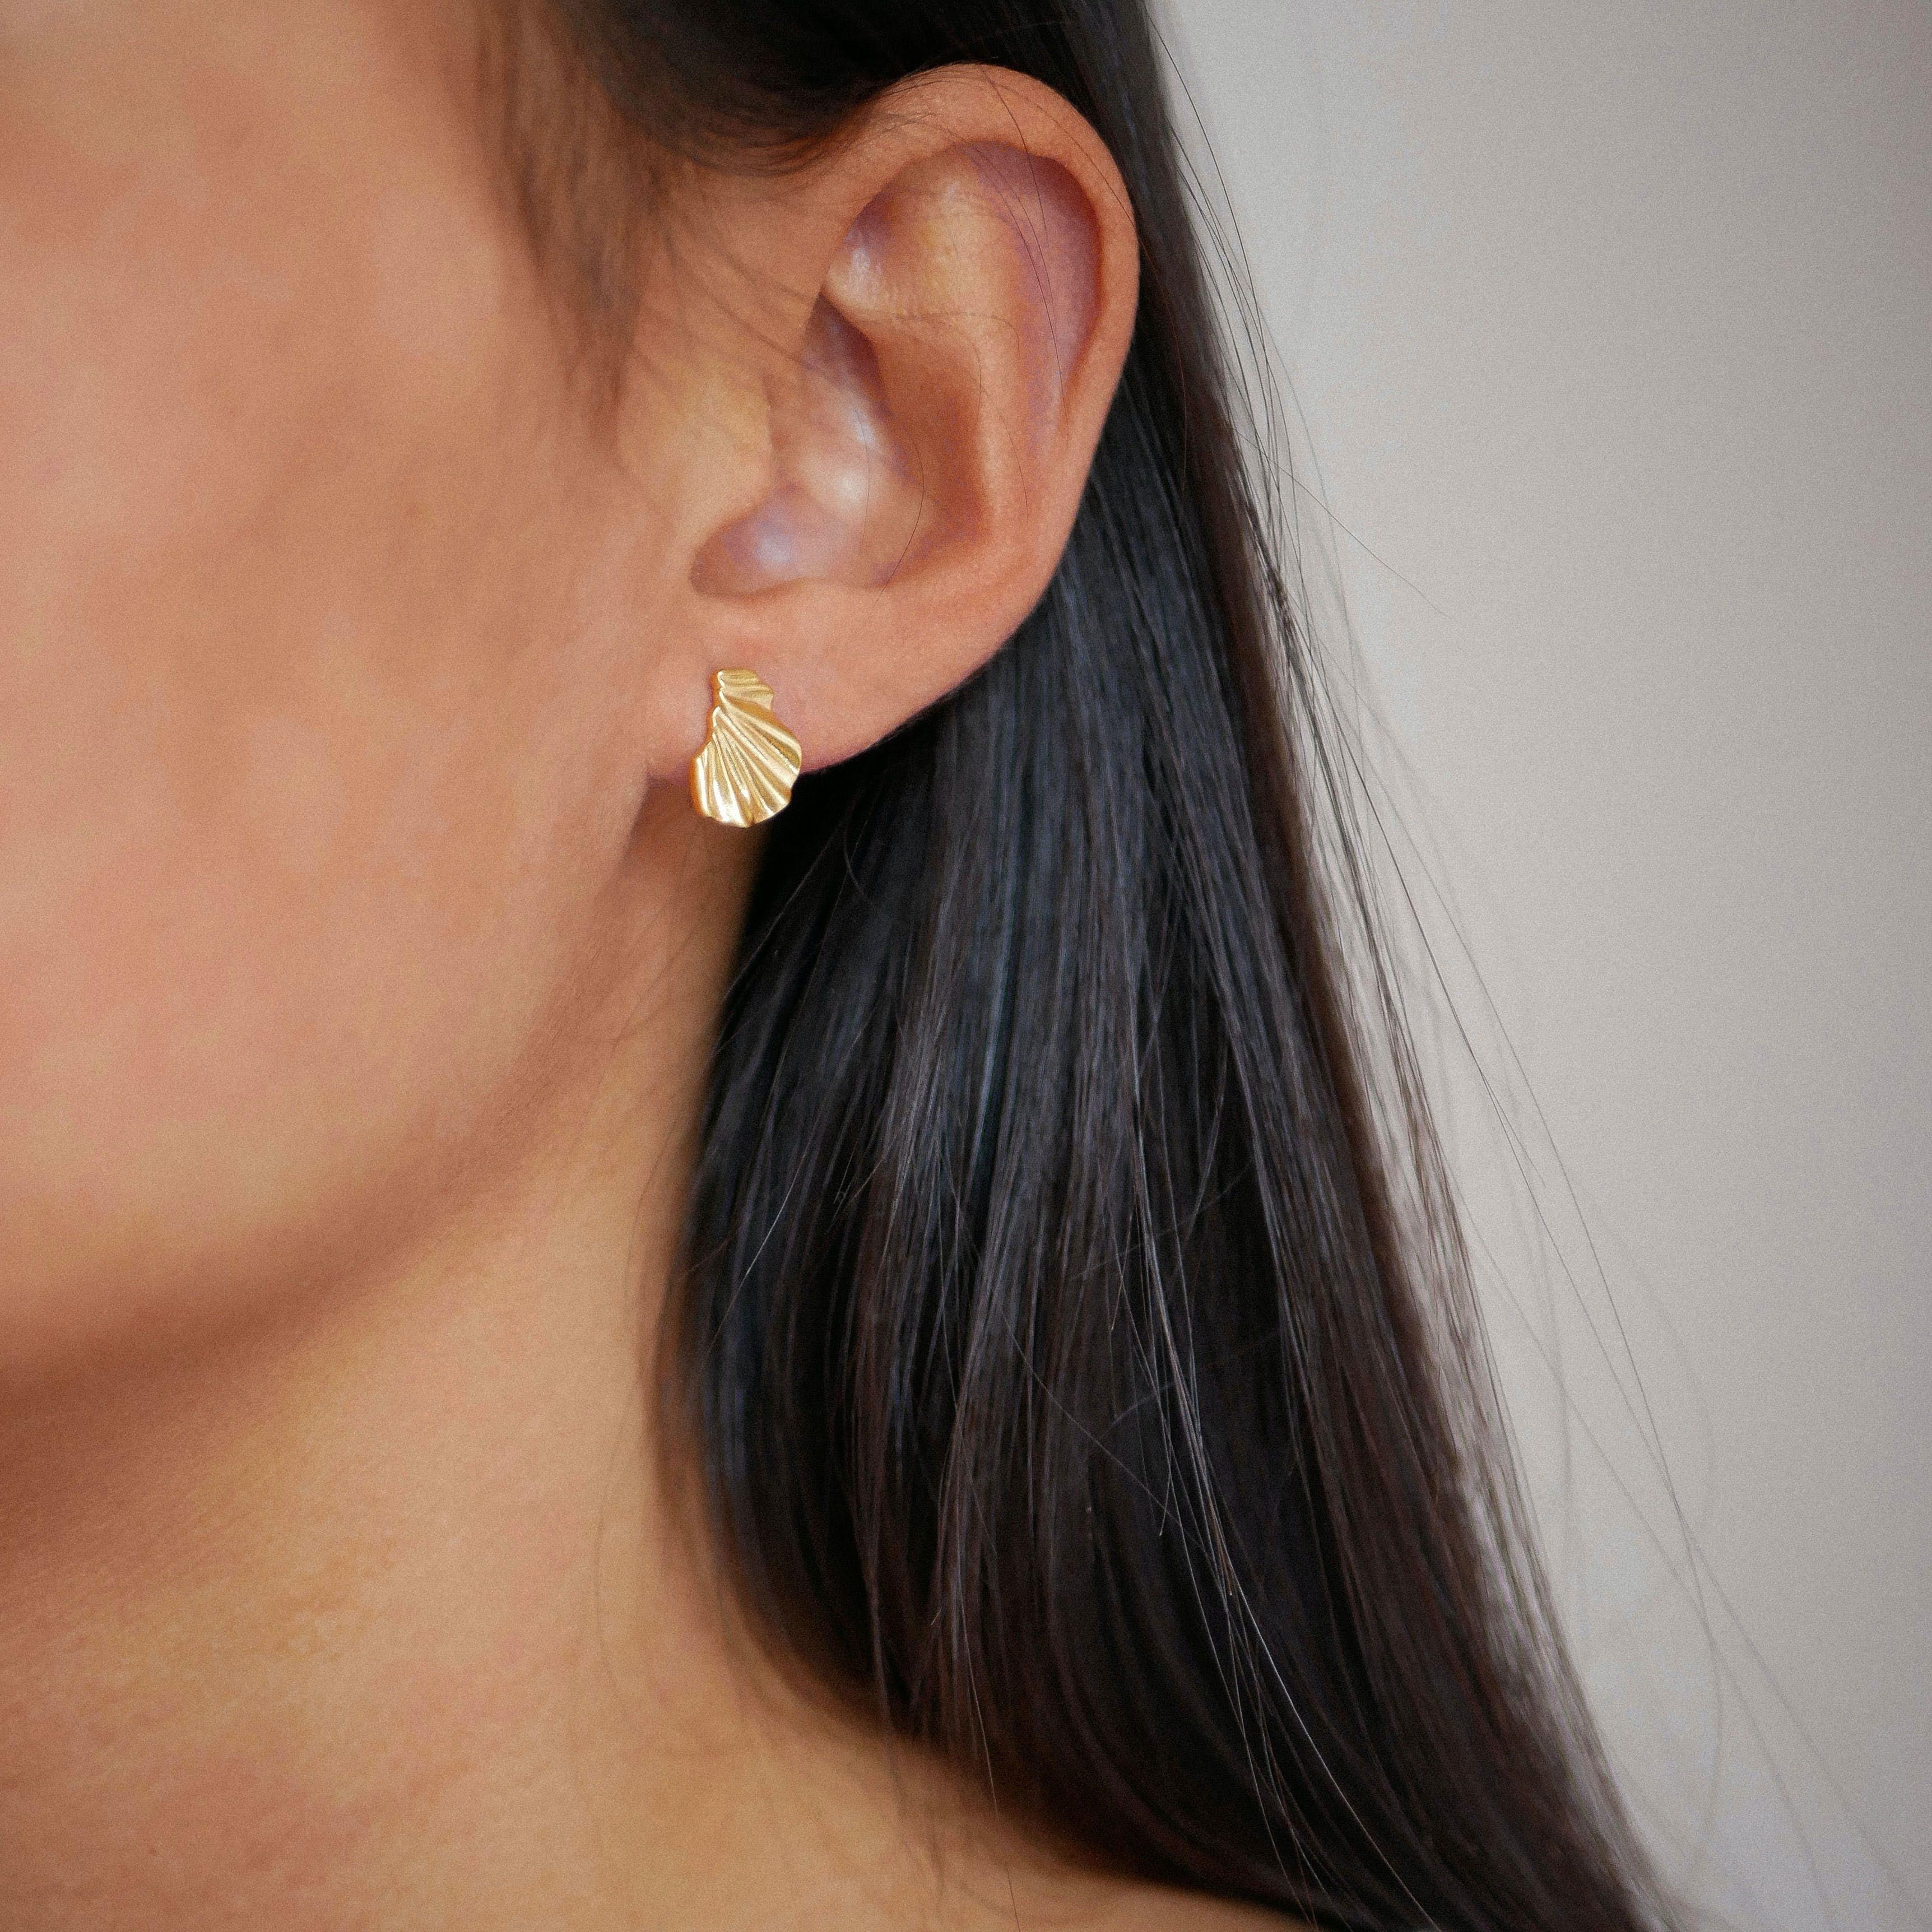 Mini Wave Earrings from Enamel Copenhagen in Goldplated-Silver Sterling 925